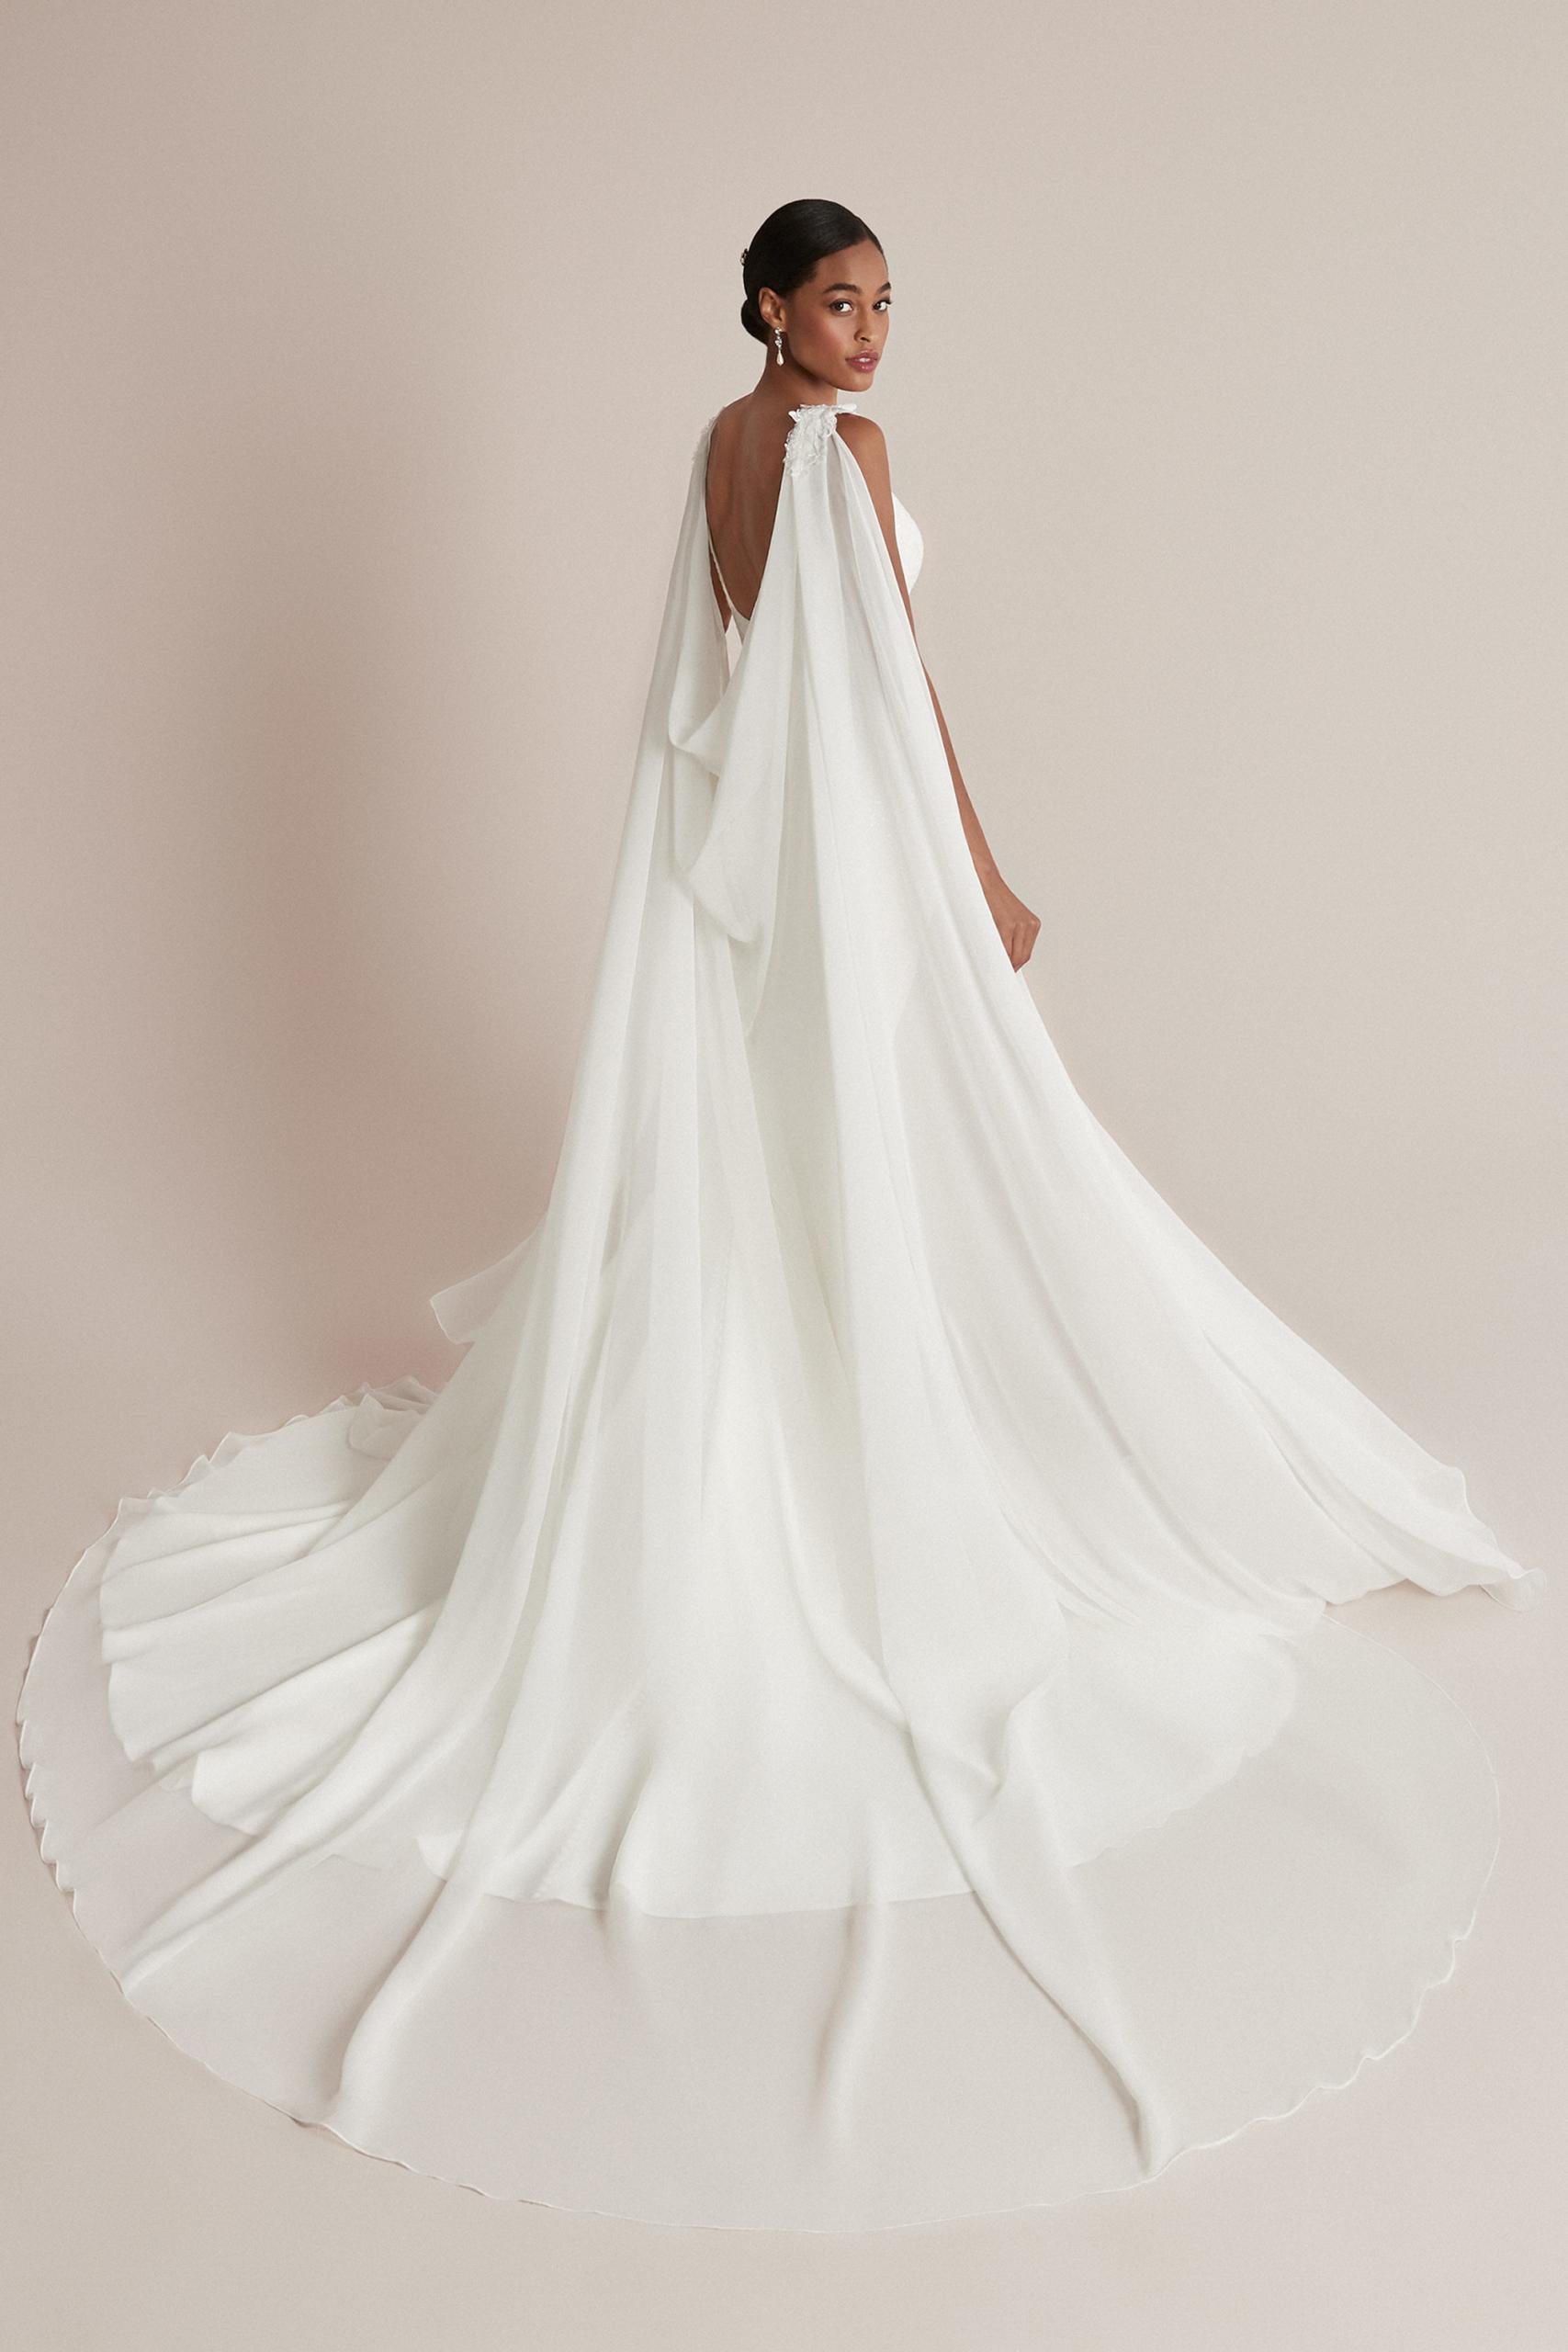 Robes de mariée Justin Alexander Béziers Montpellier